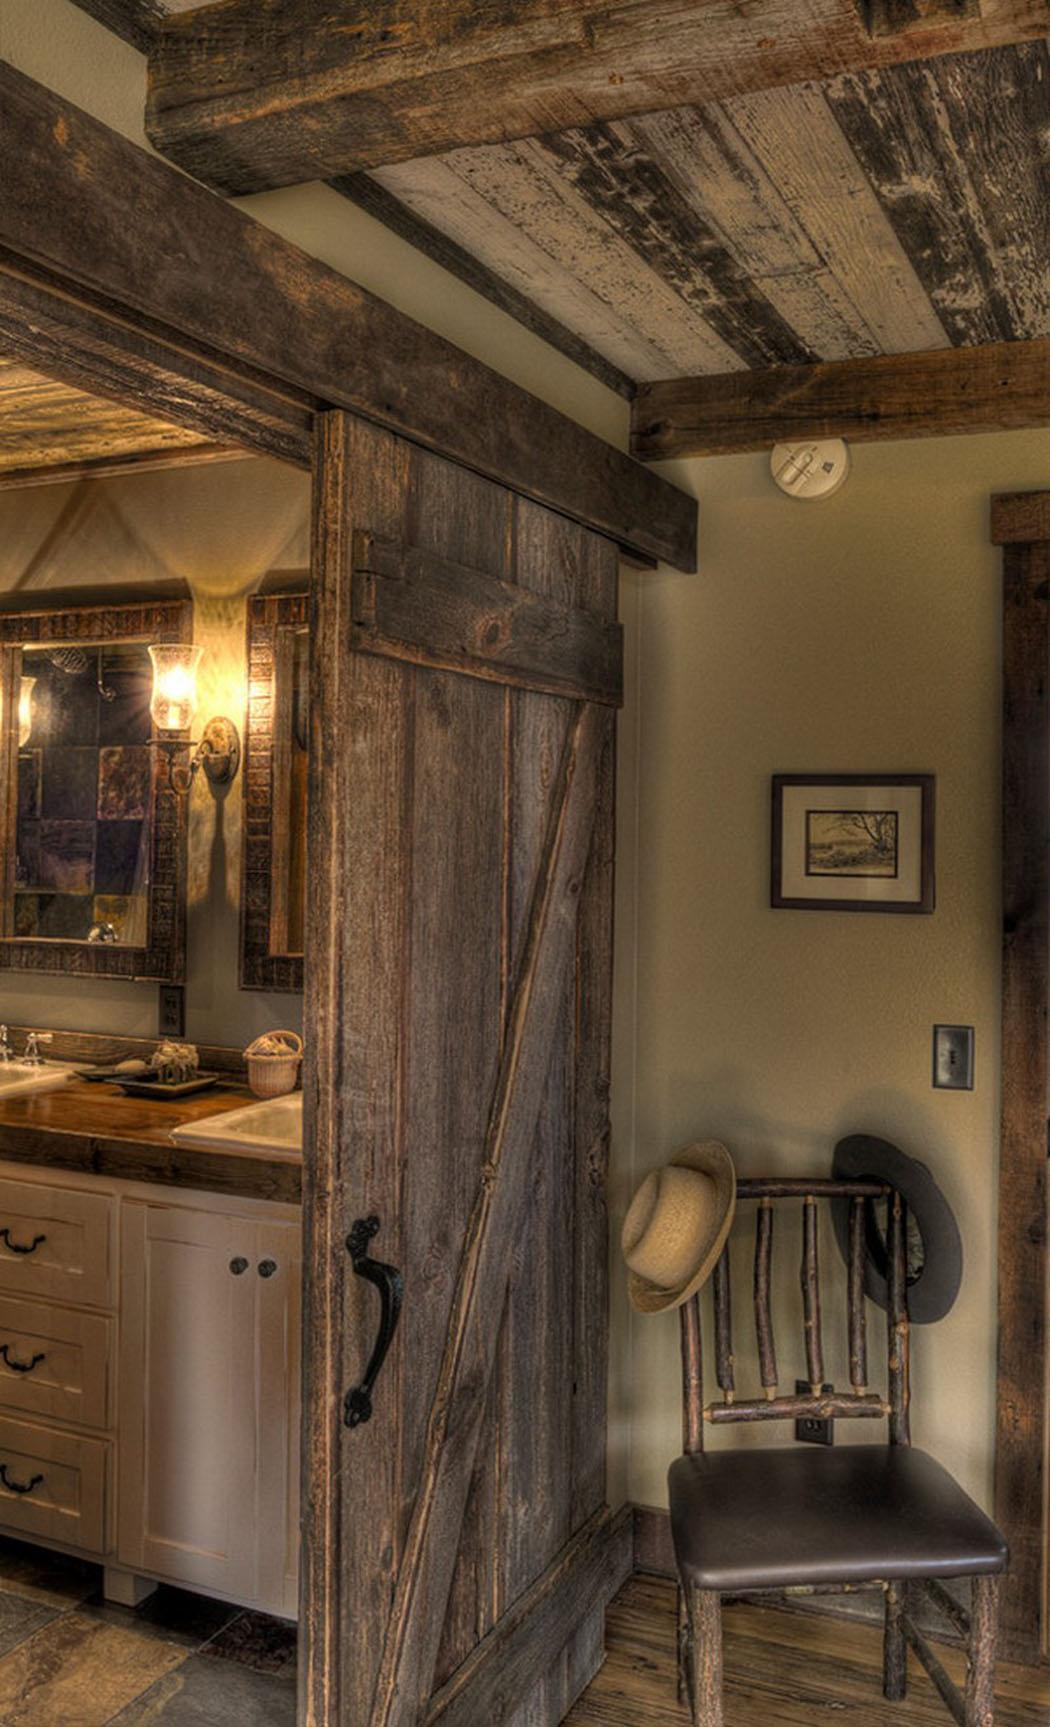 Salle de bain rustique moderne - Decoration salle de bain rustique ...